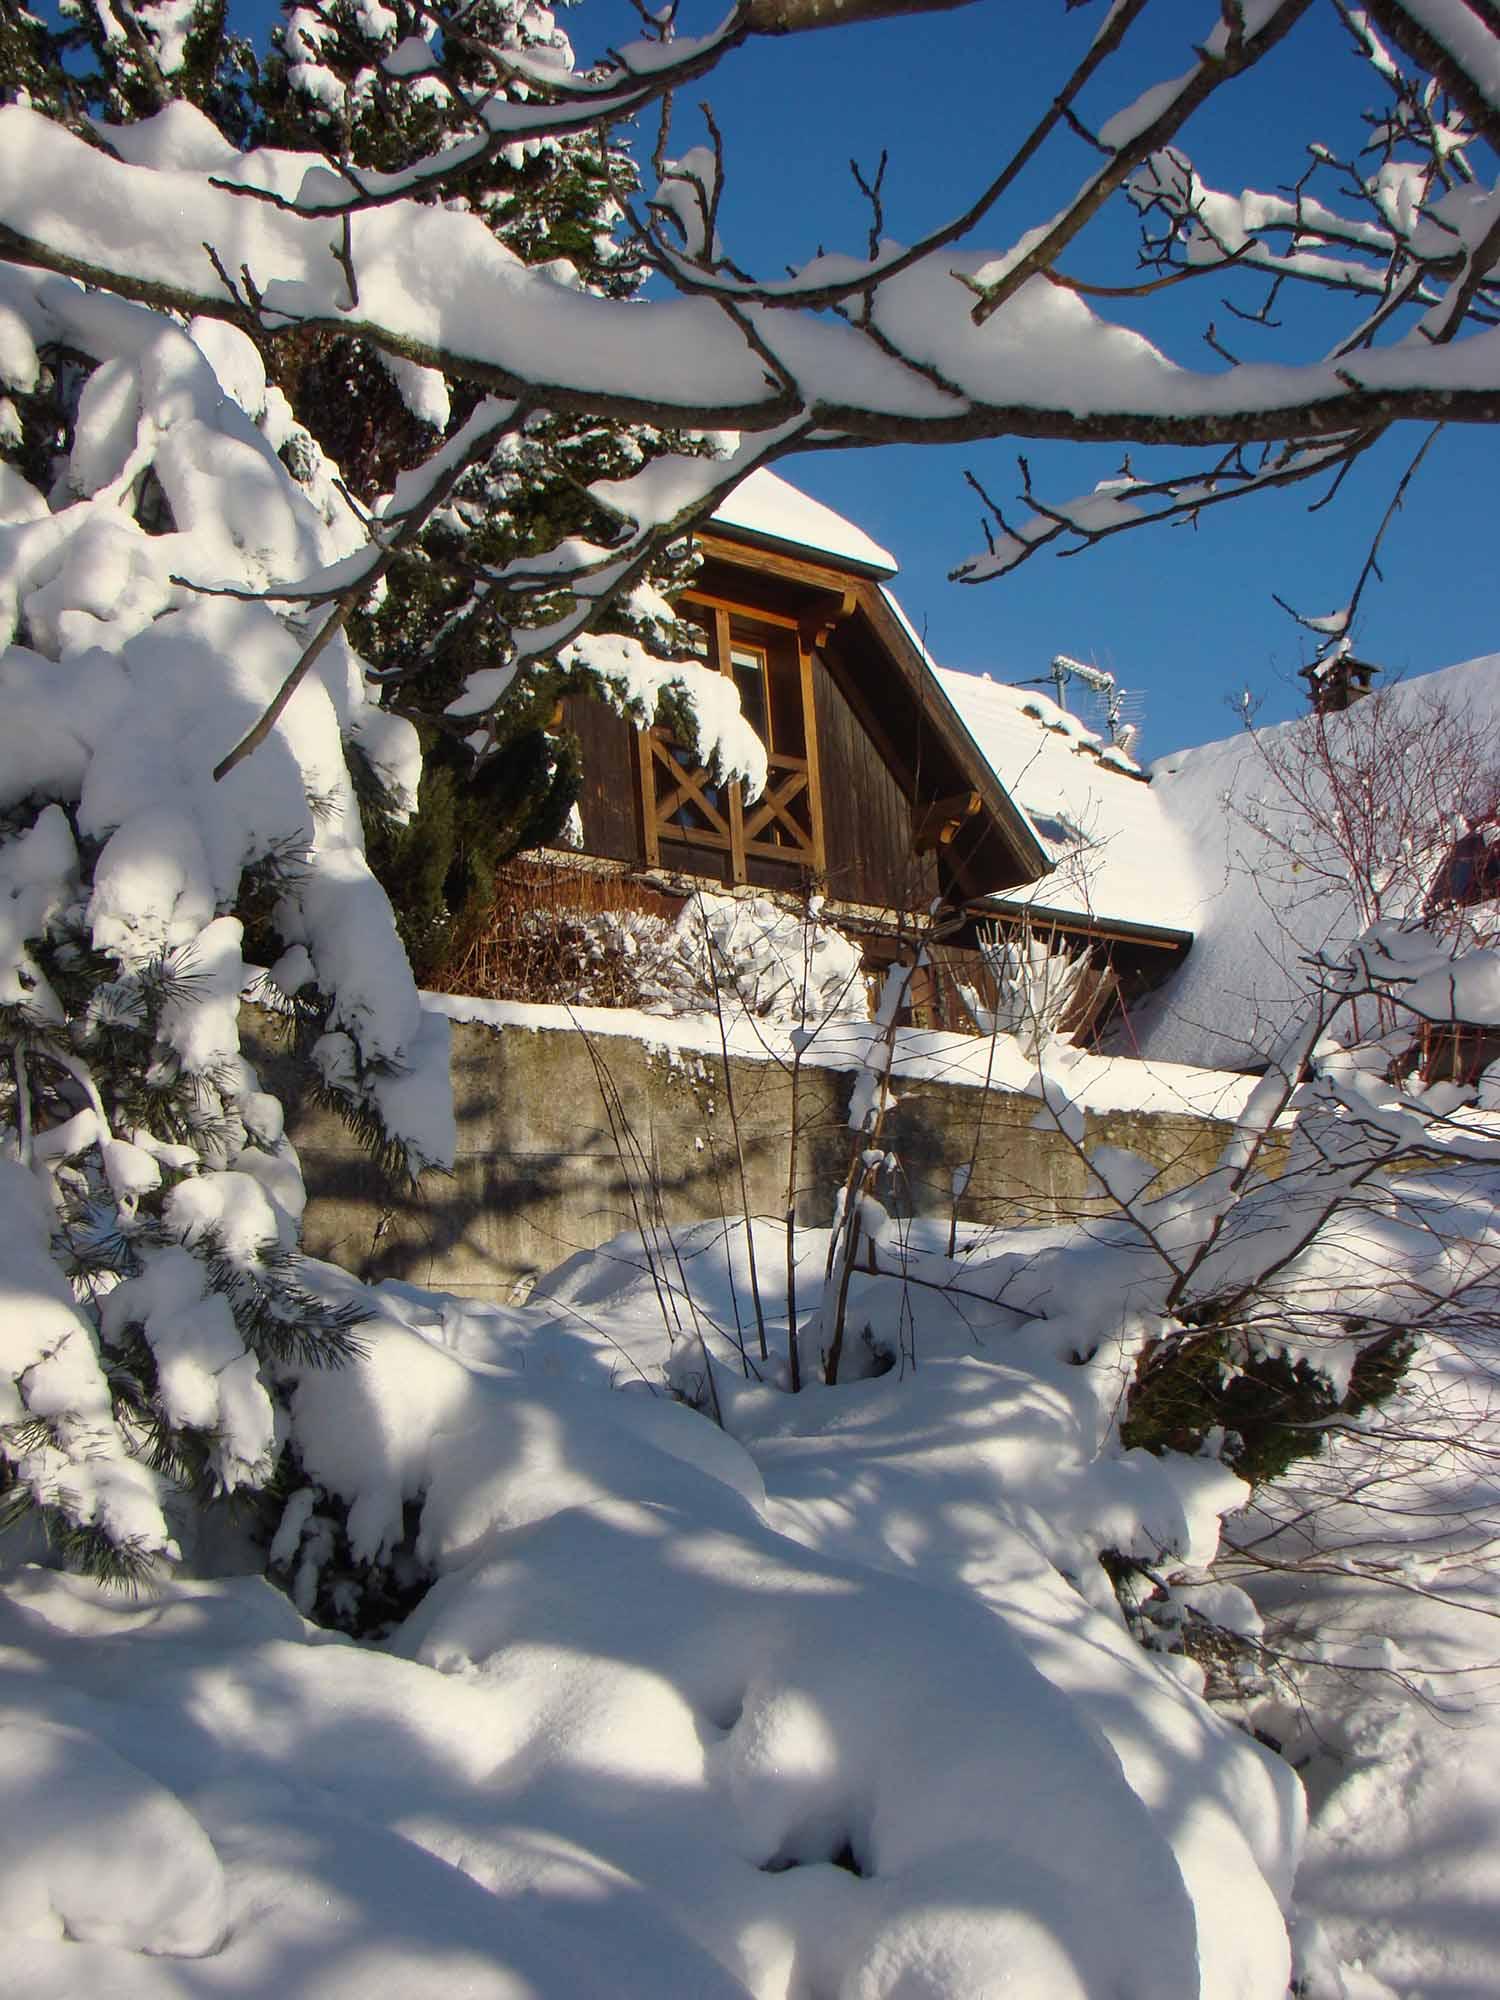 Gite_snow.jpg